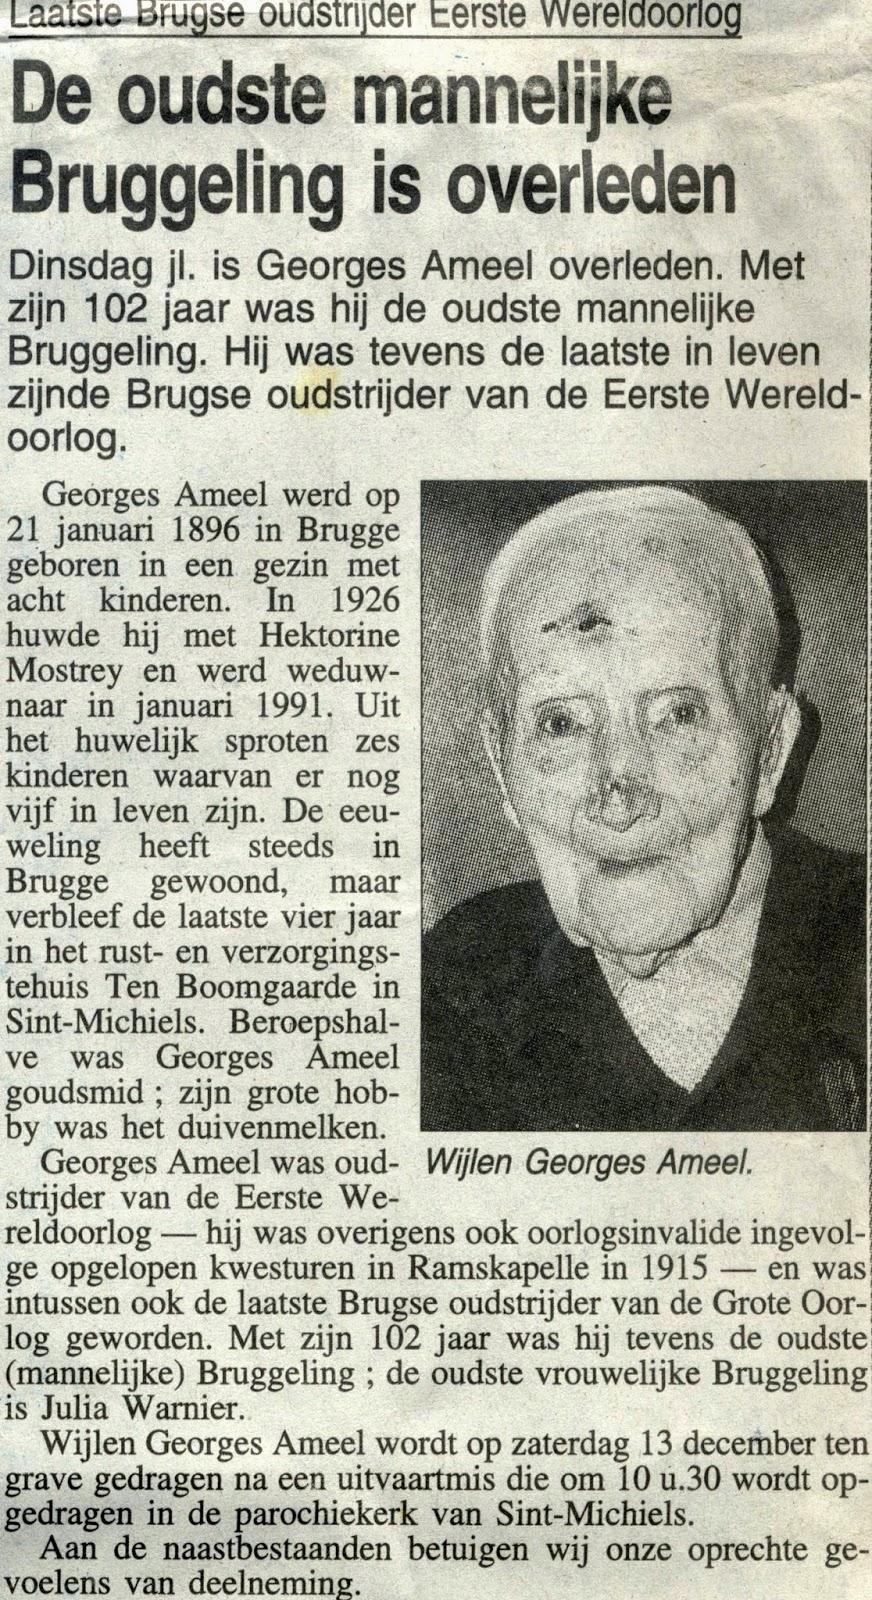 Oud-strijder Georges Ameel overleden. B.H. december 1997